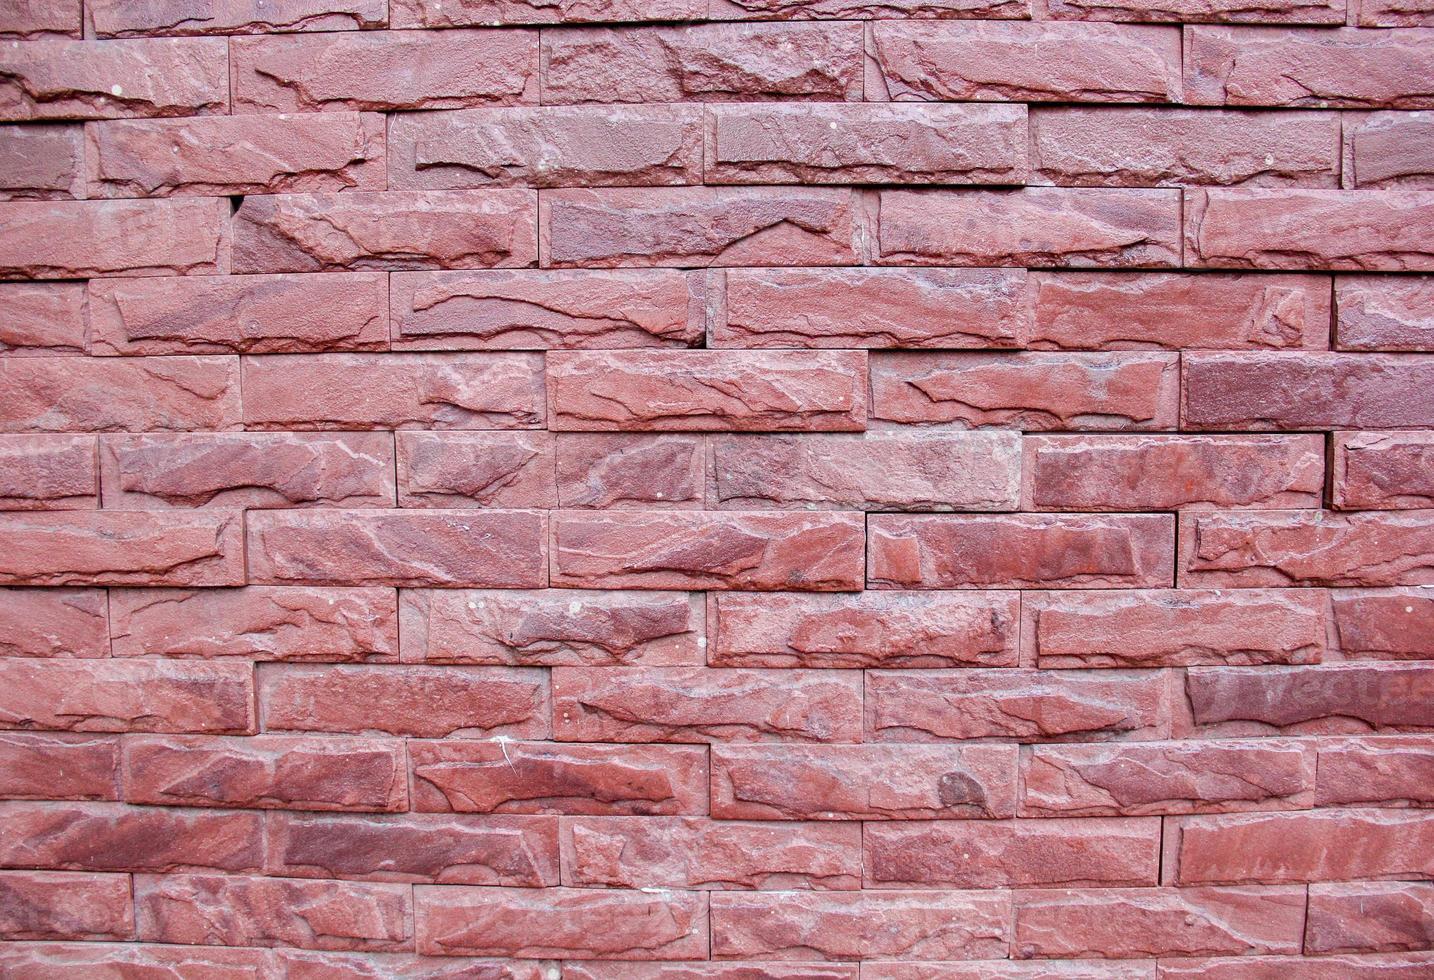 mur de briques rouges. photo